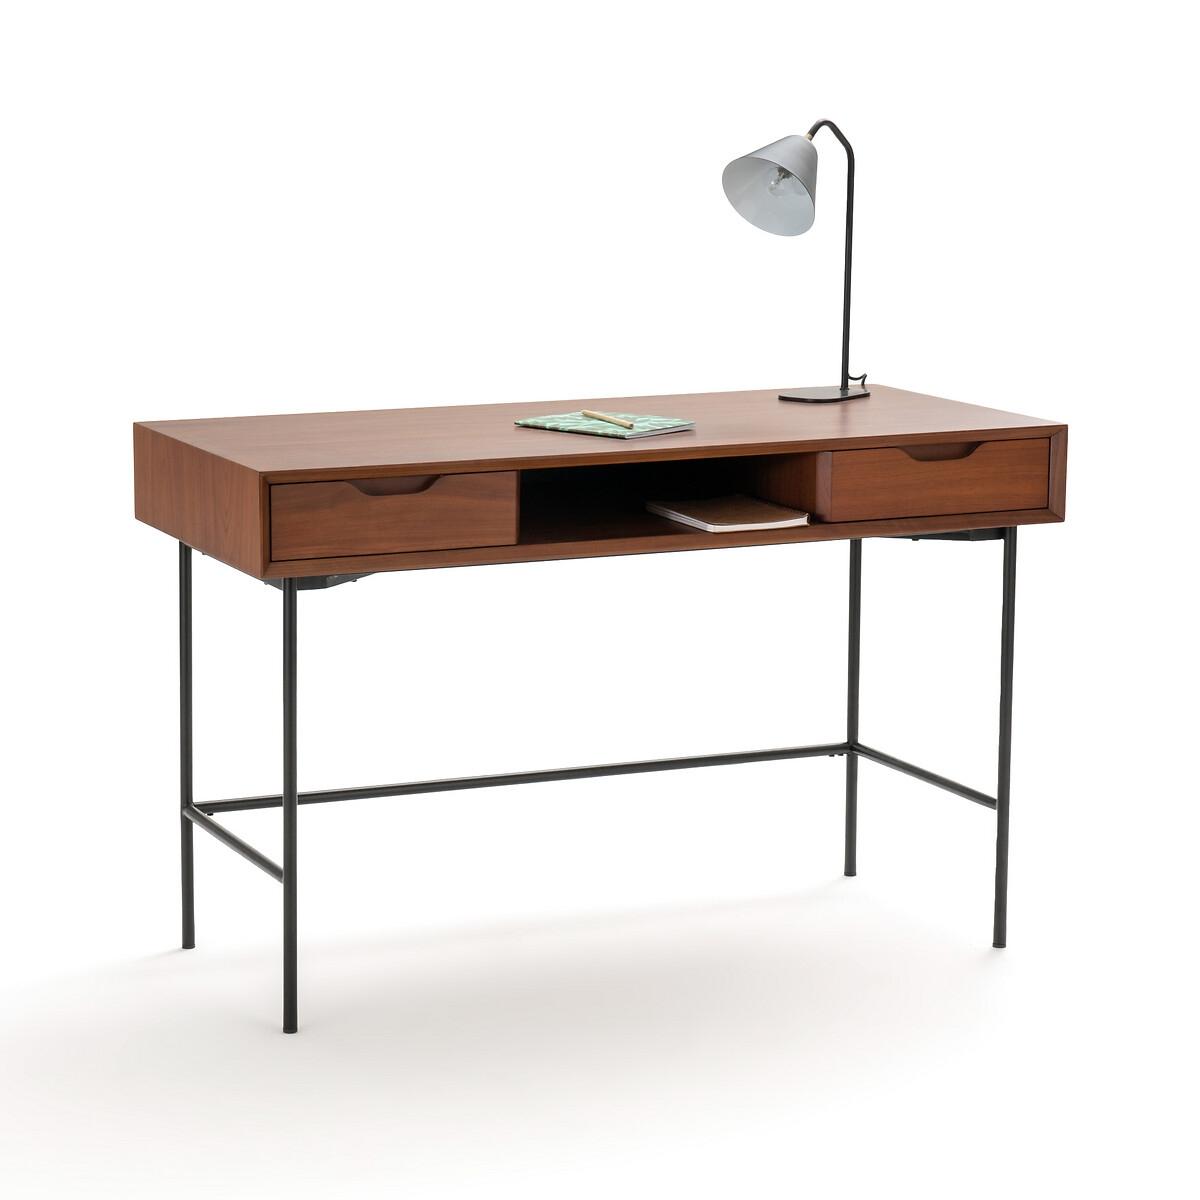 Стол La Redoute Письменный Noyeto единый размер каштановый письменный la redoute стол для кровати чердака duplex единый размер каштановый